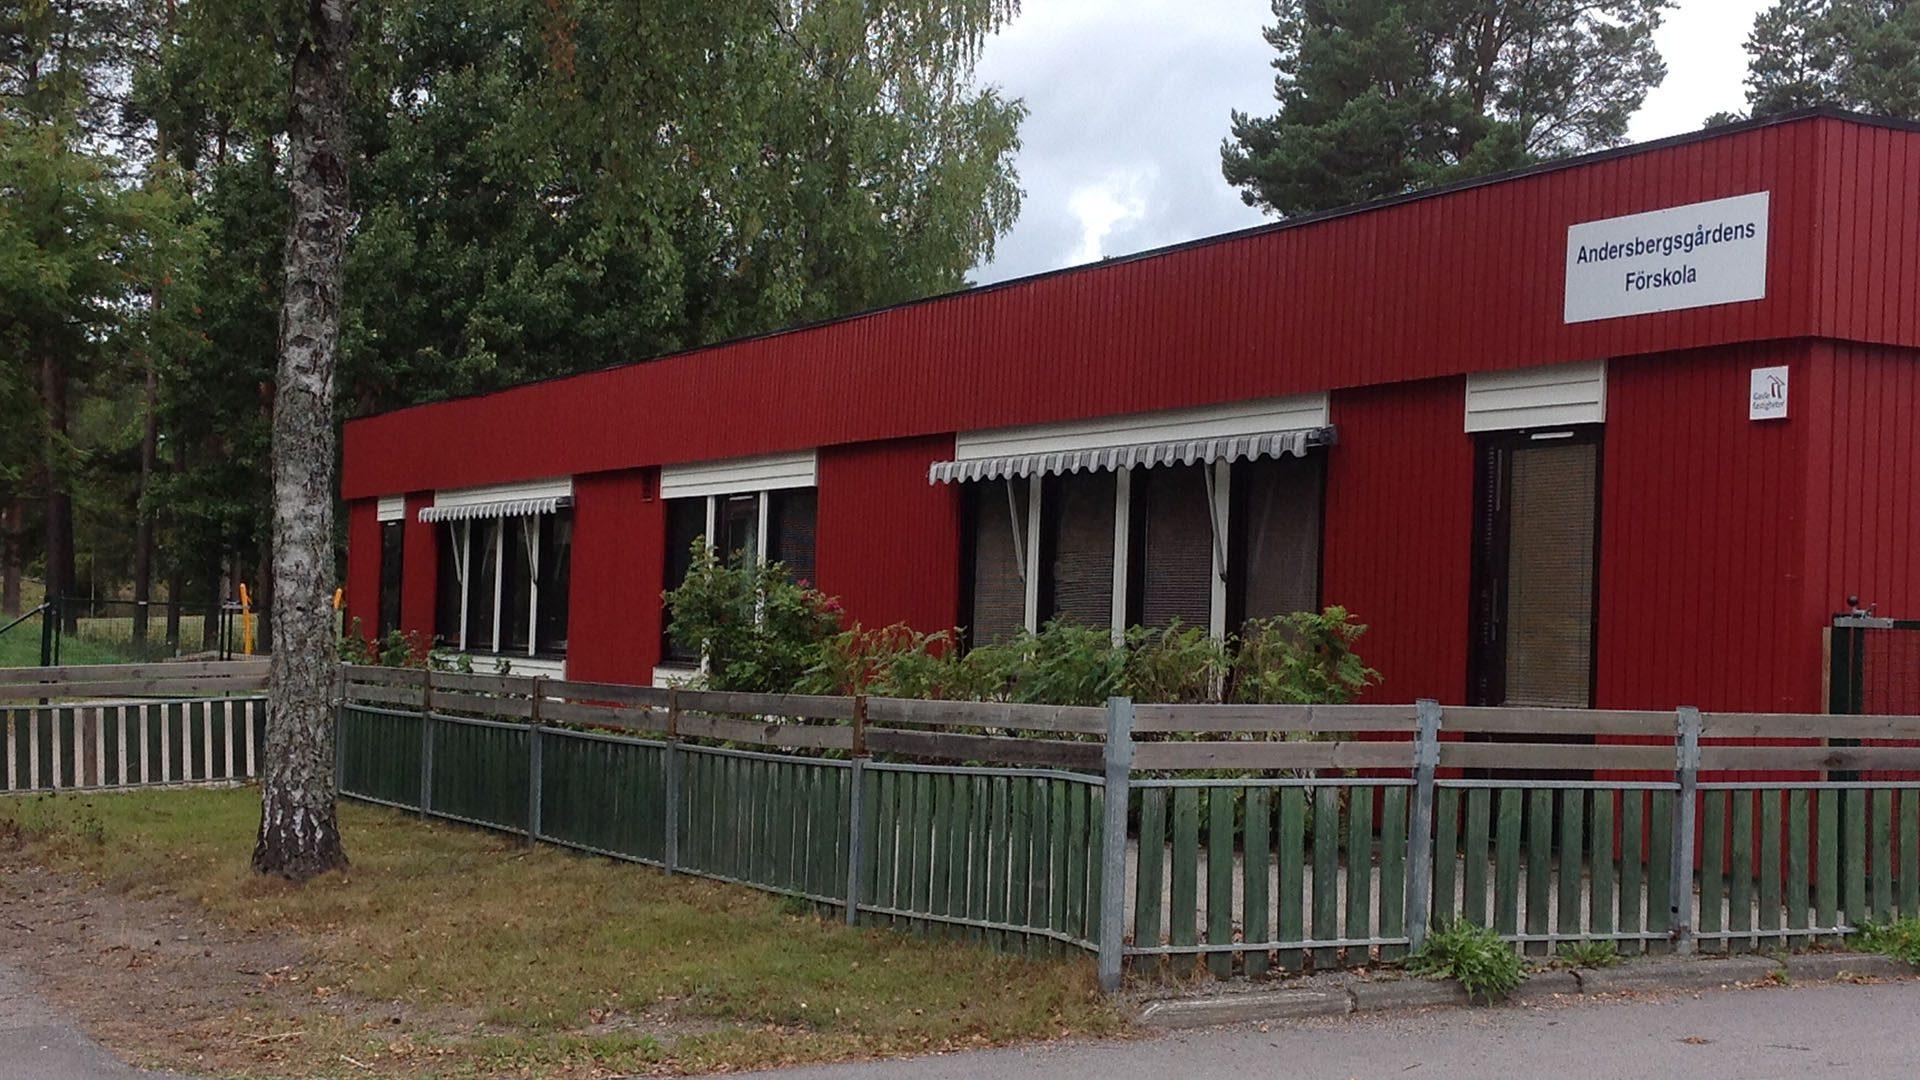 Exteriörbild på Andersbergsgården